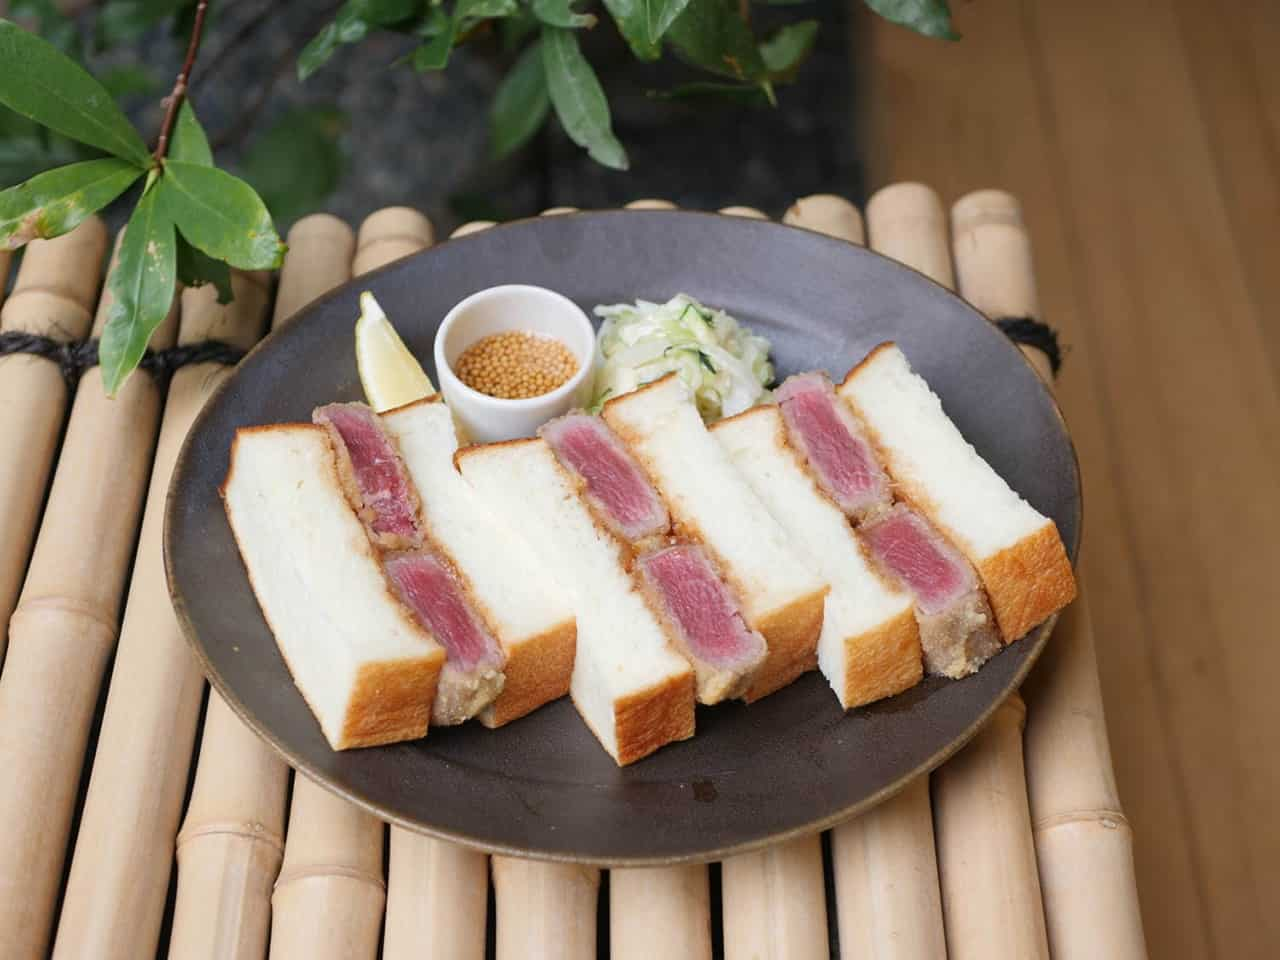 Honjitsu no (本日の) - แซนด์วิชเนื้อวัวทอด เมนูซิกเนเจอร์ของร้าน